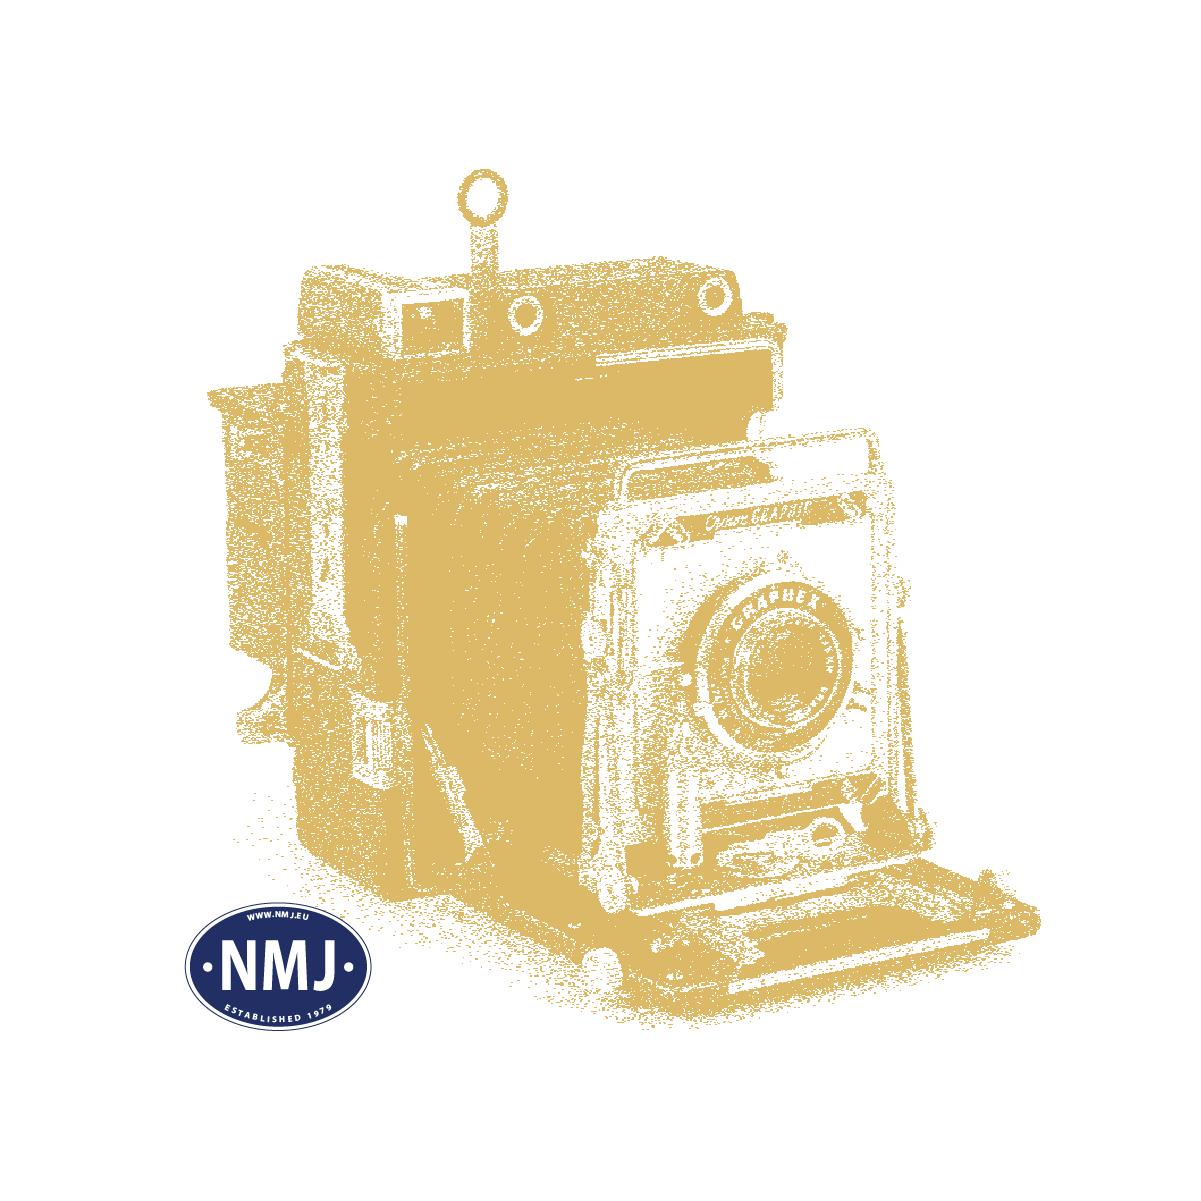 NMJT95304 - NMJ Topline CFL 1601 (1956-1971), AC w/ Sound